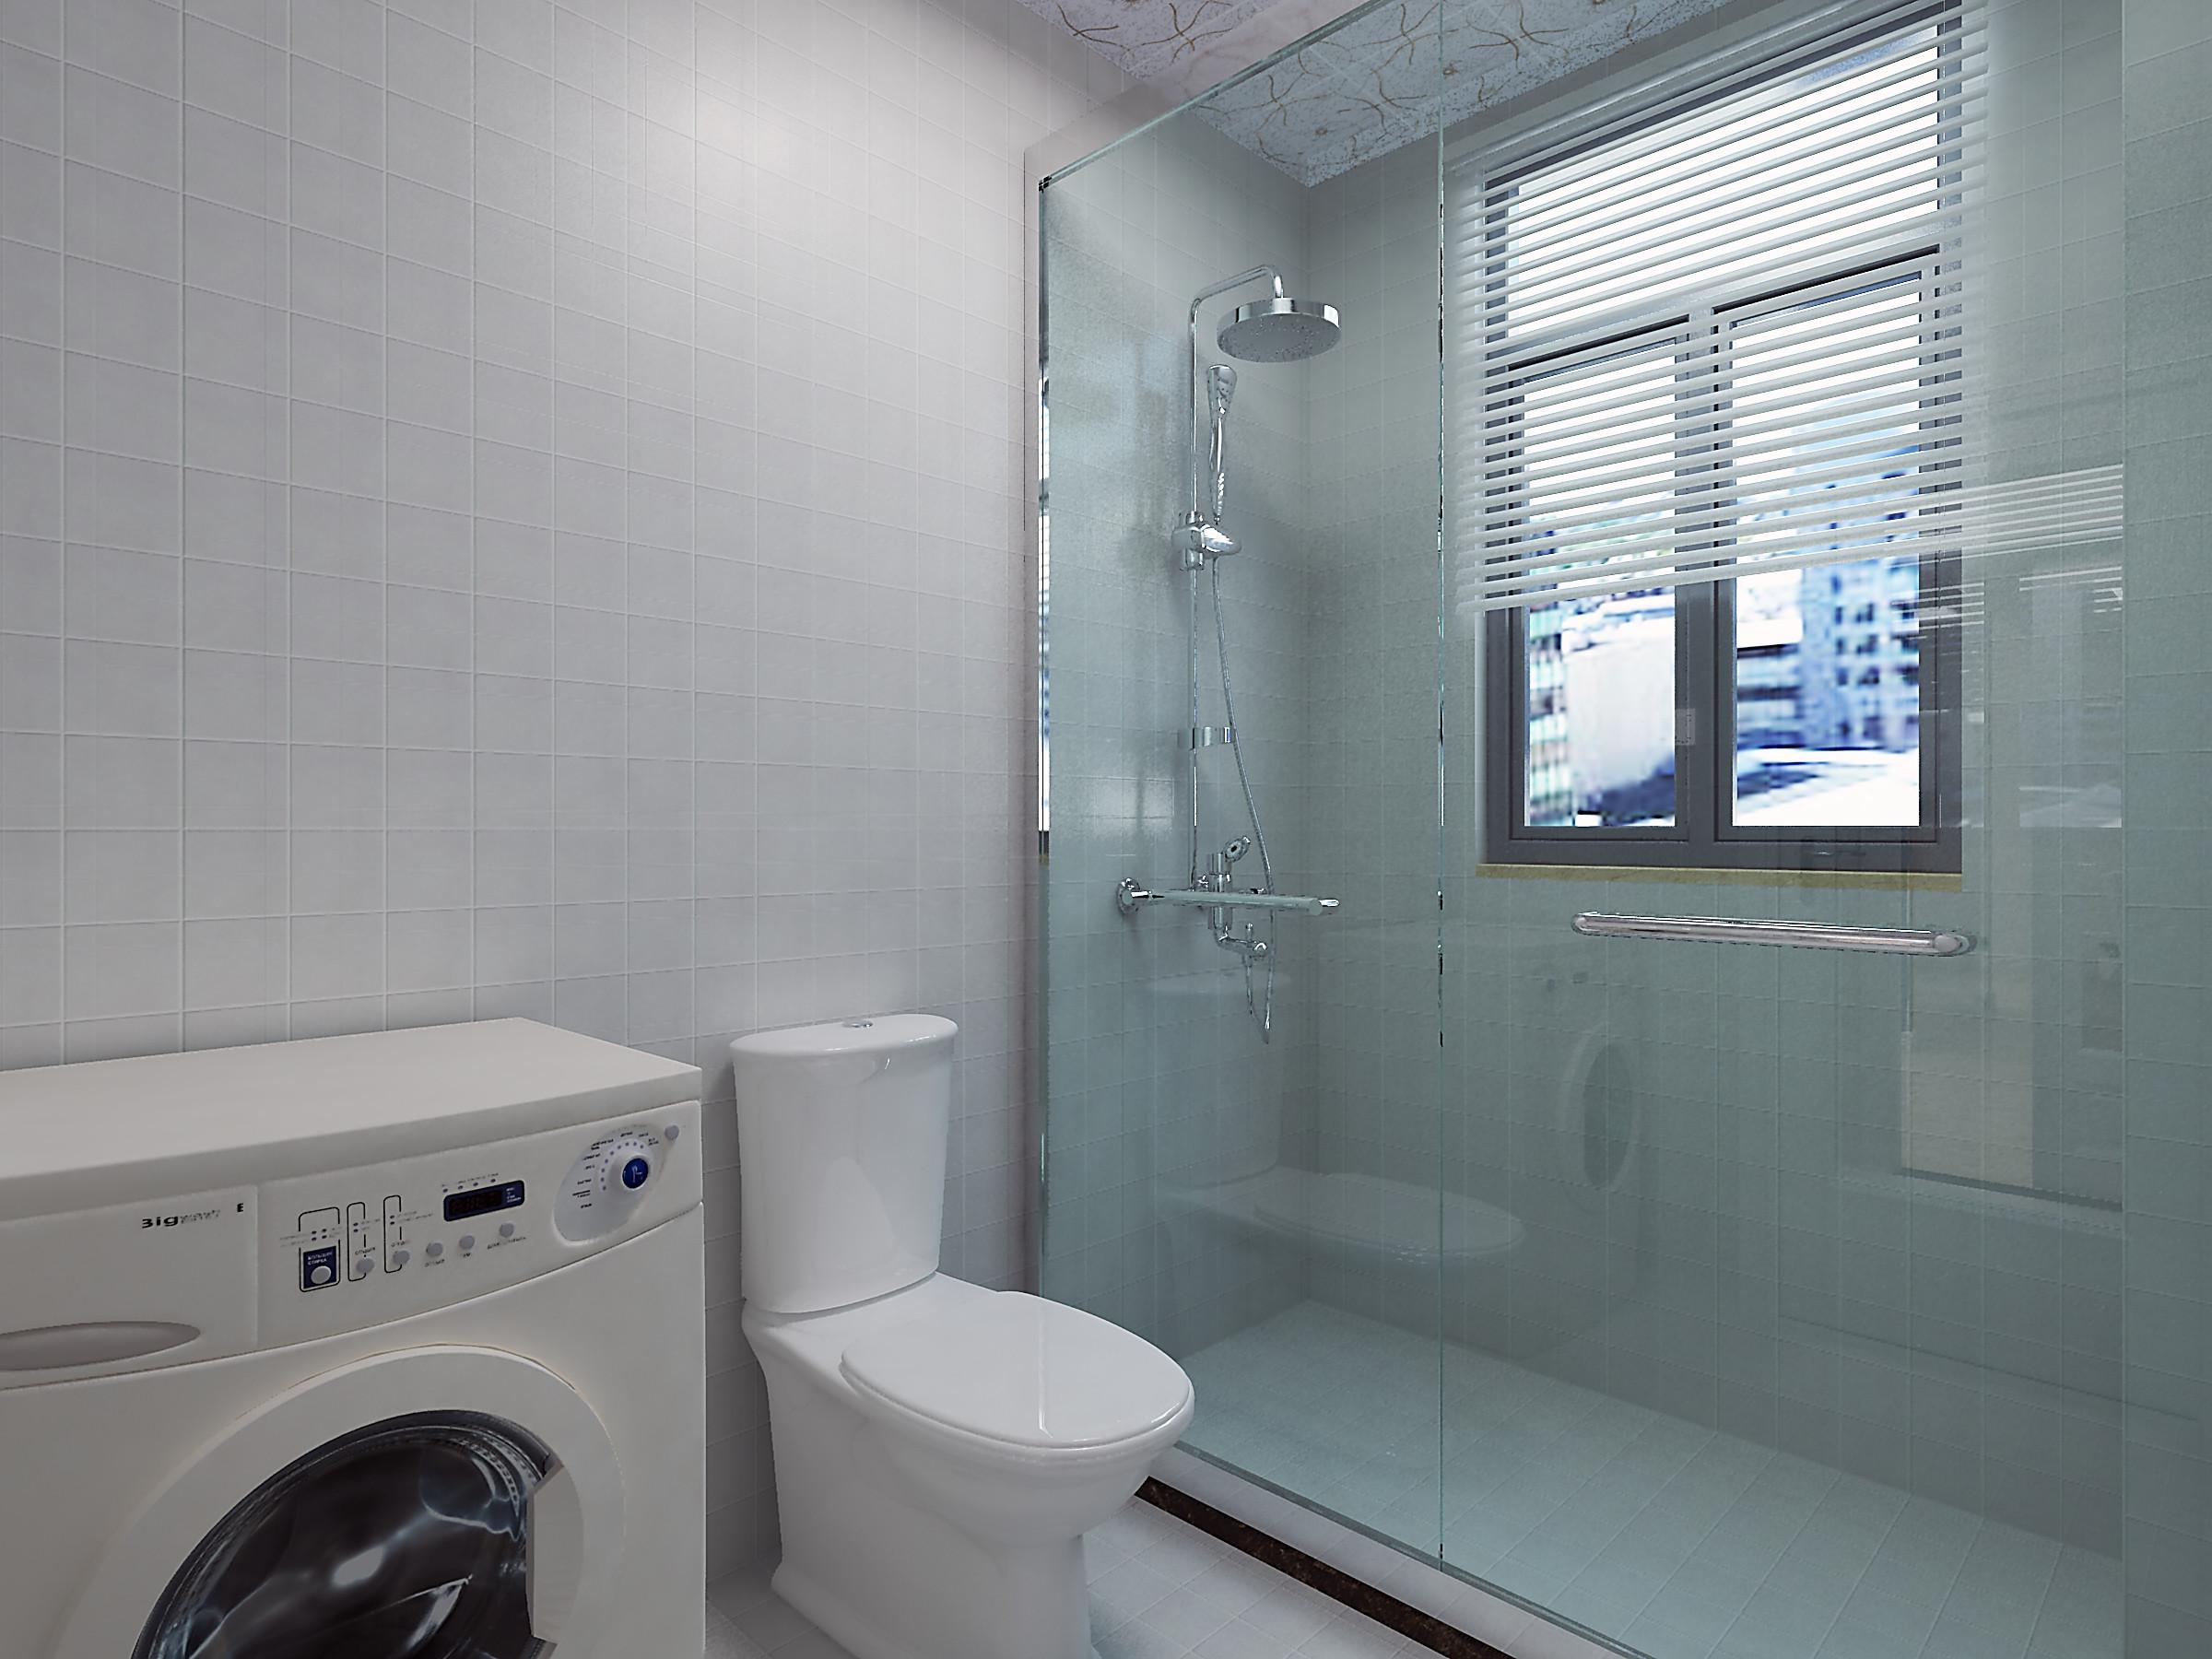 130㎡简约装修淋浴房图片